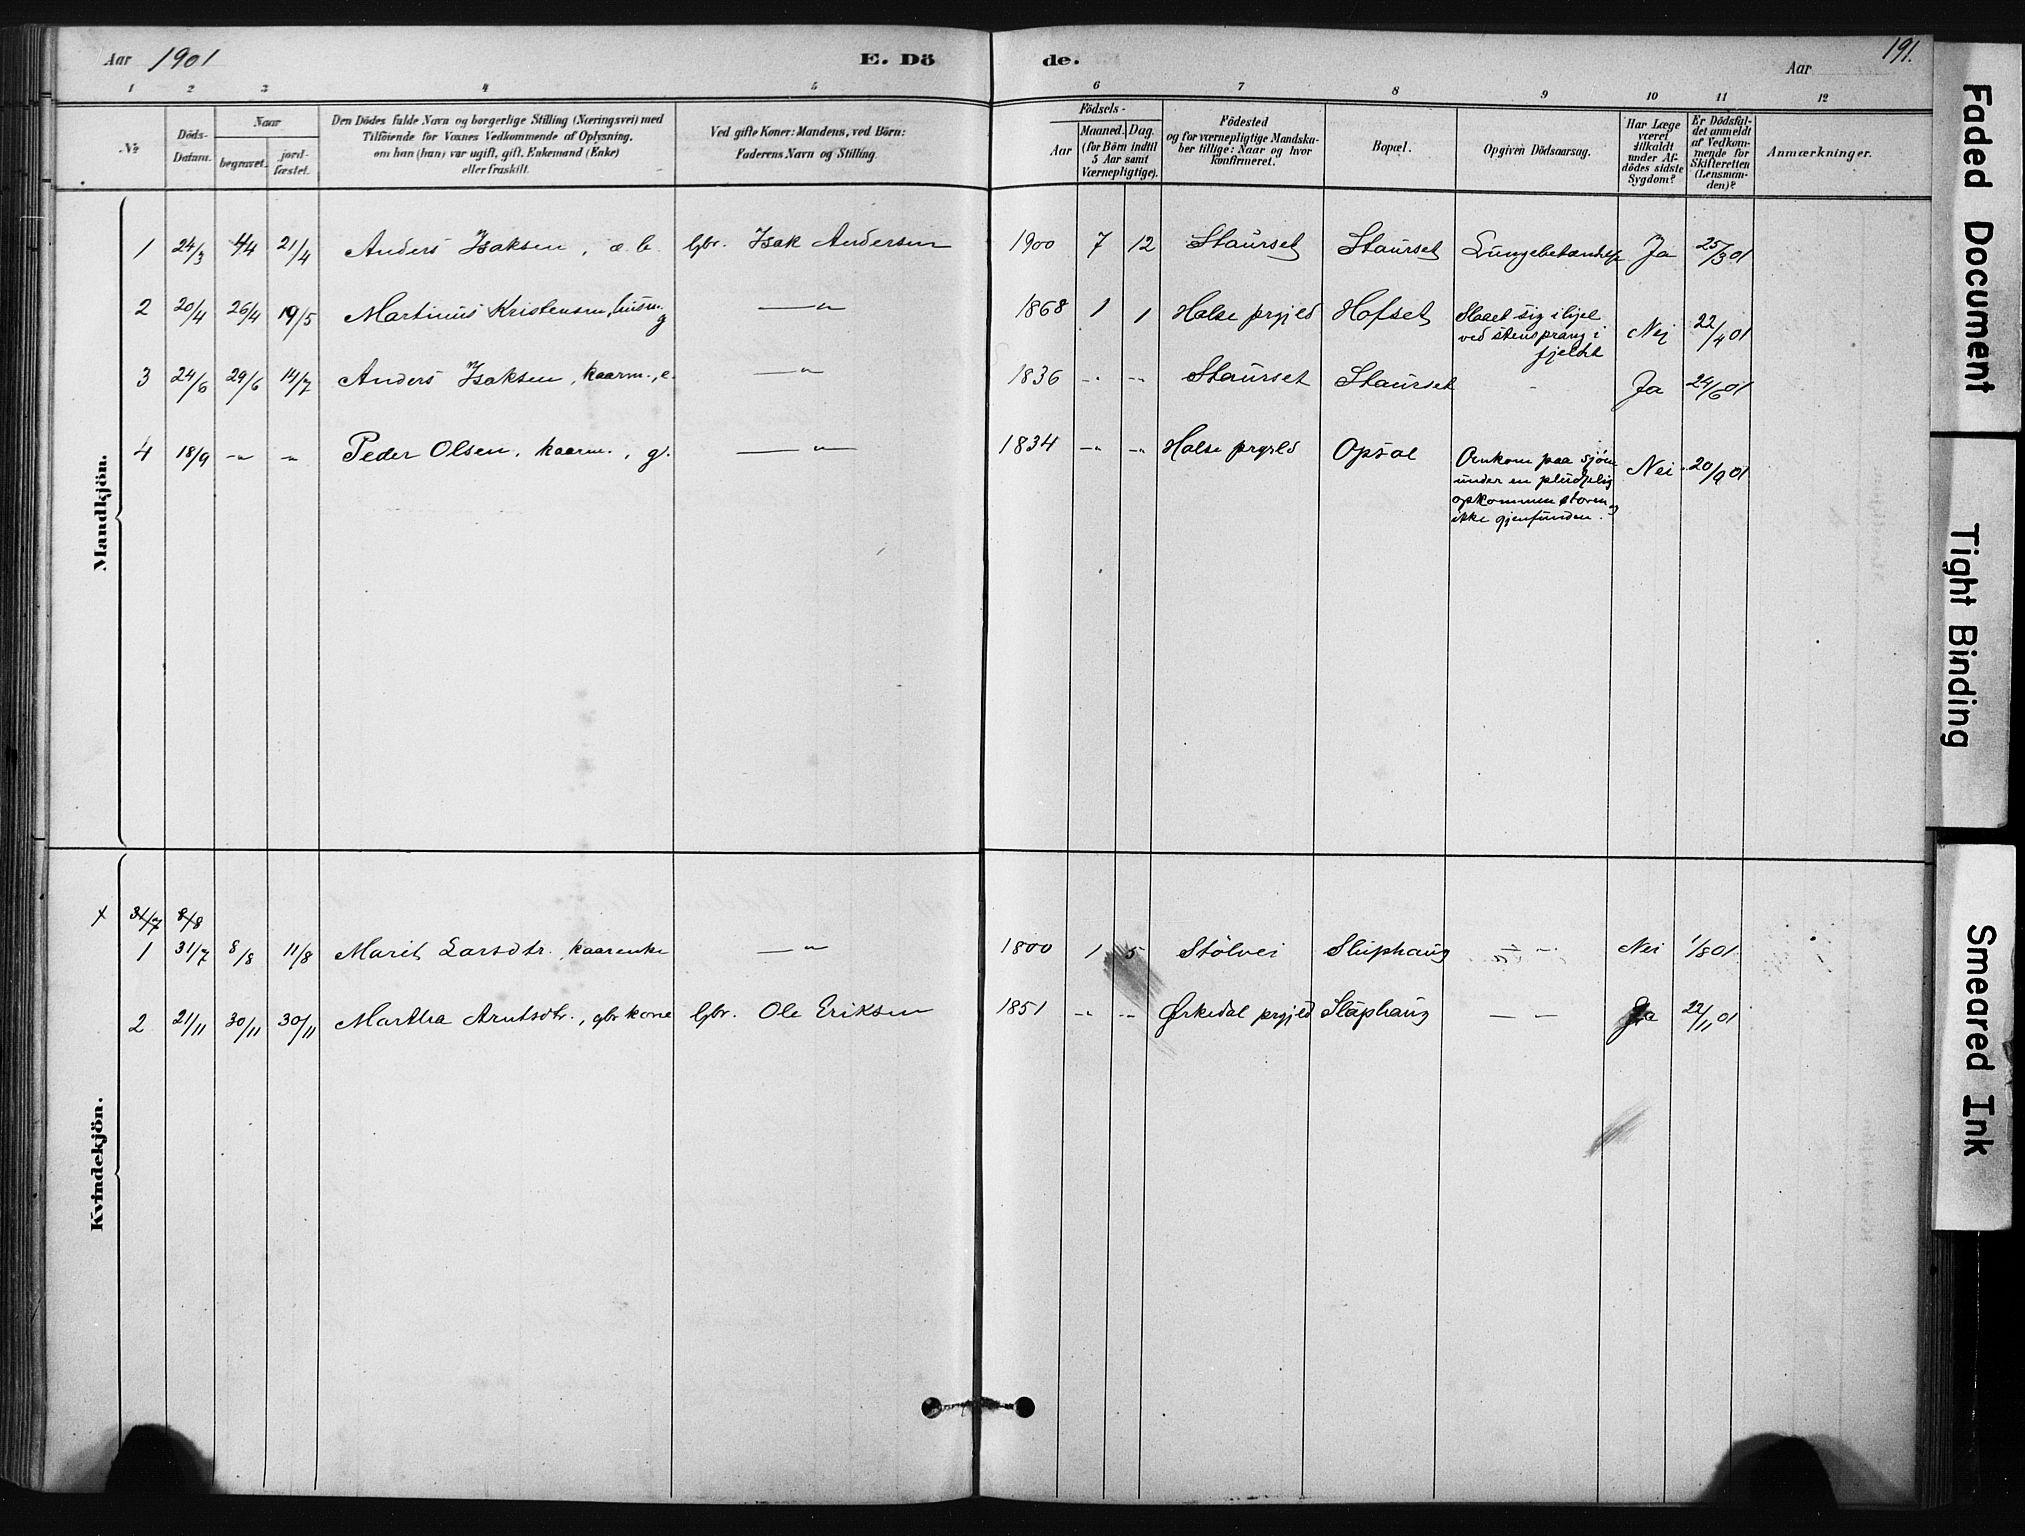 SAT, Ministerialprotokoller, klokkerbøker og fødselsregistre - Sør-Trøndelag, 631/L0512: Ministerialbok nr. 631A01, 1879-1912, s. 191